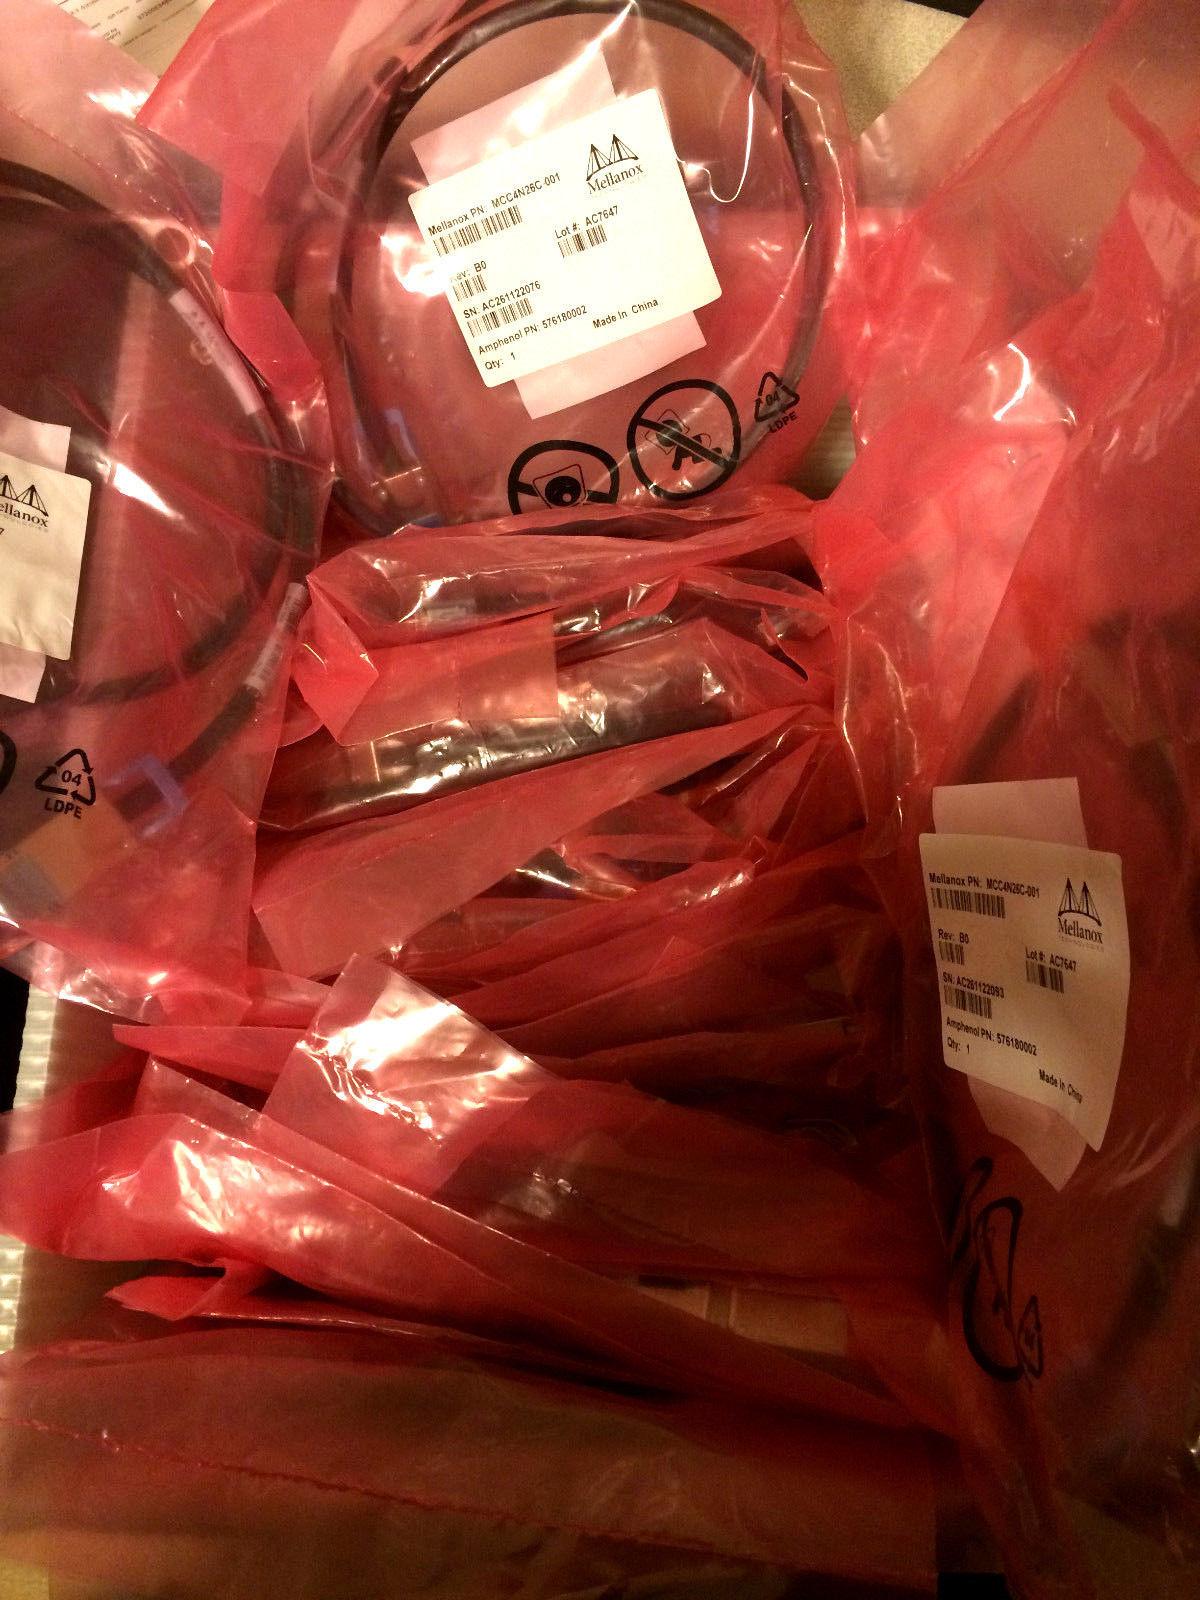 Lot (44) Mellanox InfiniBand Cable MCC4N26C-001 New